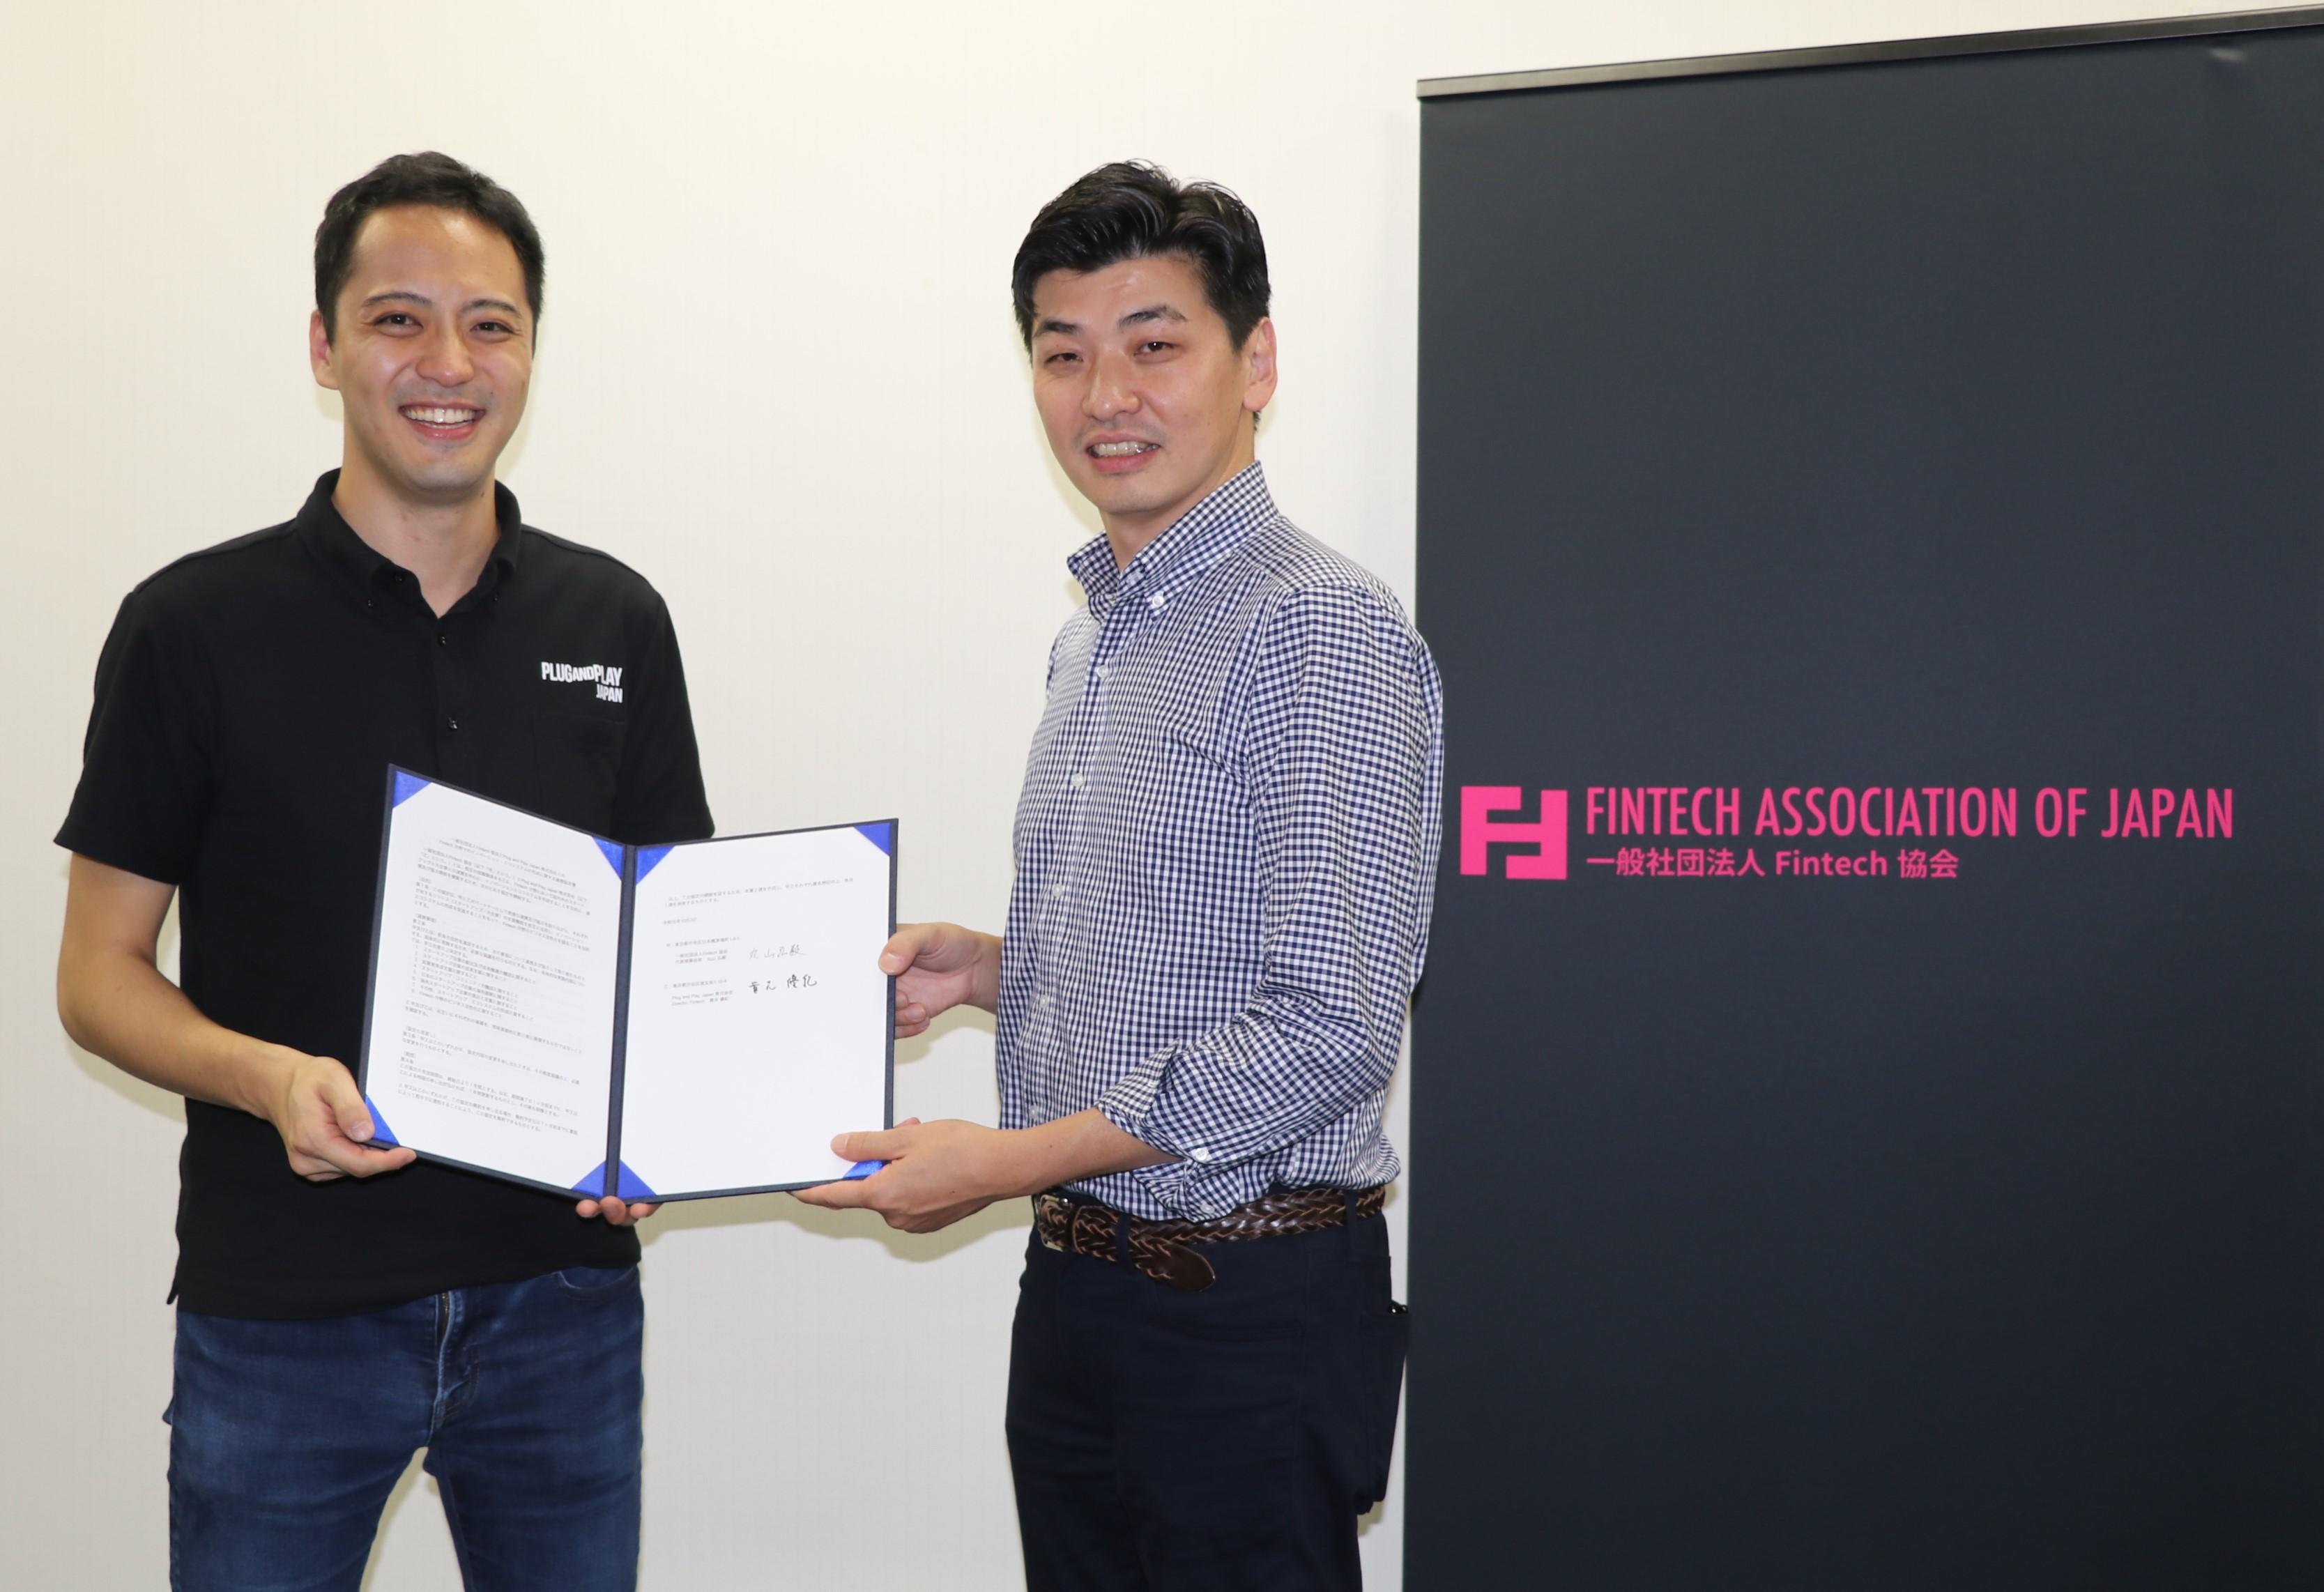 業界最大コミュニティ Fintech 協会、Plug and Play Japan と Fintech 分野でのイノベーション・エコシステム形成に関する連携協定を締結